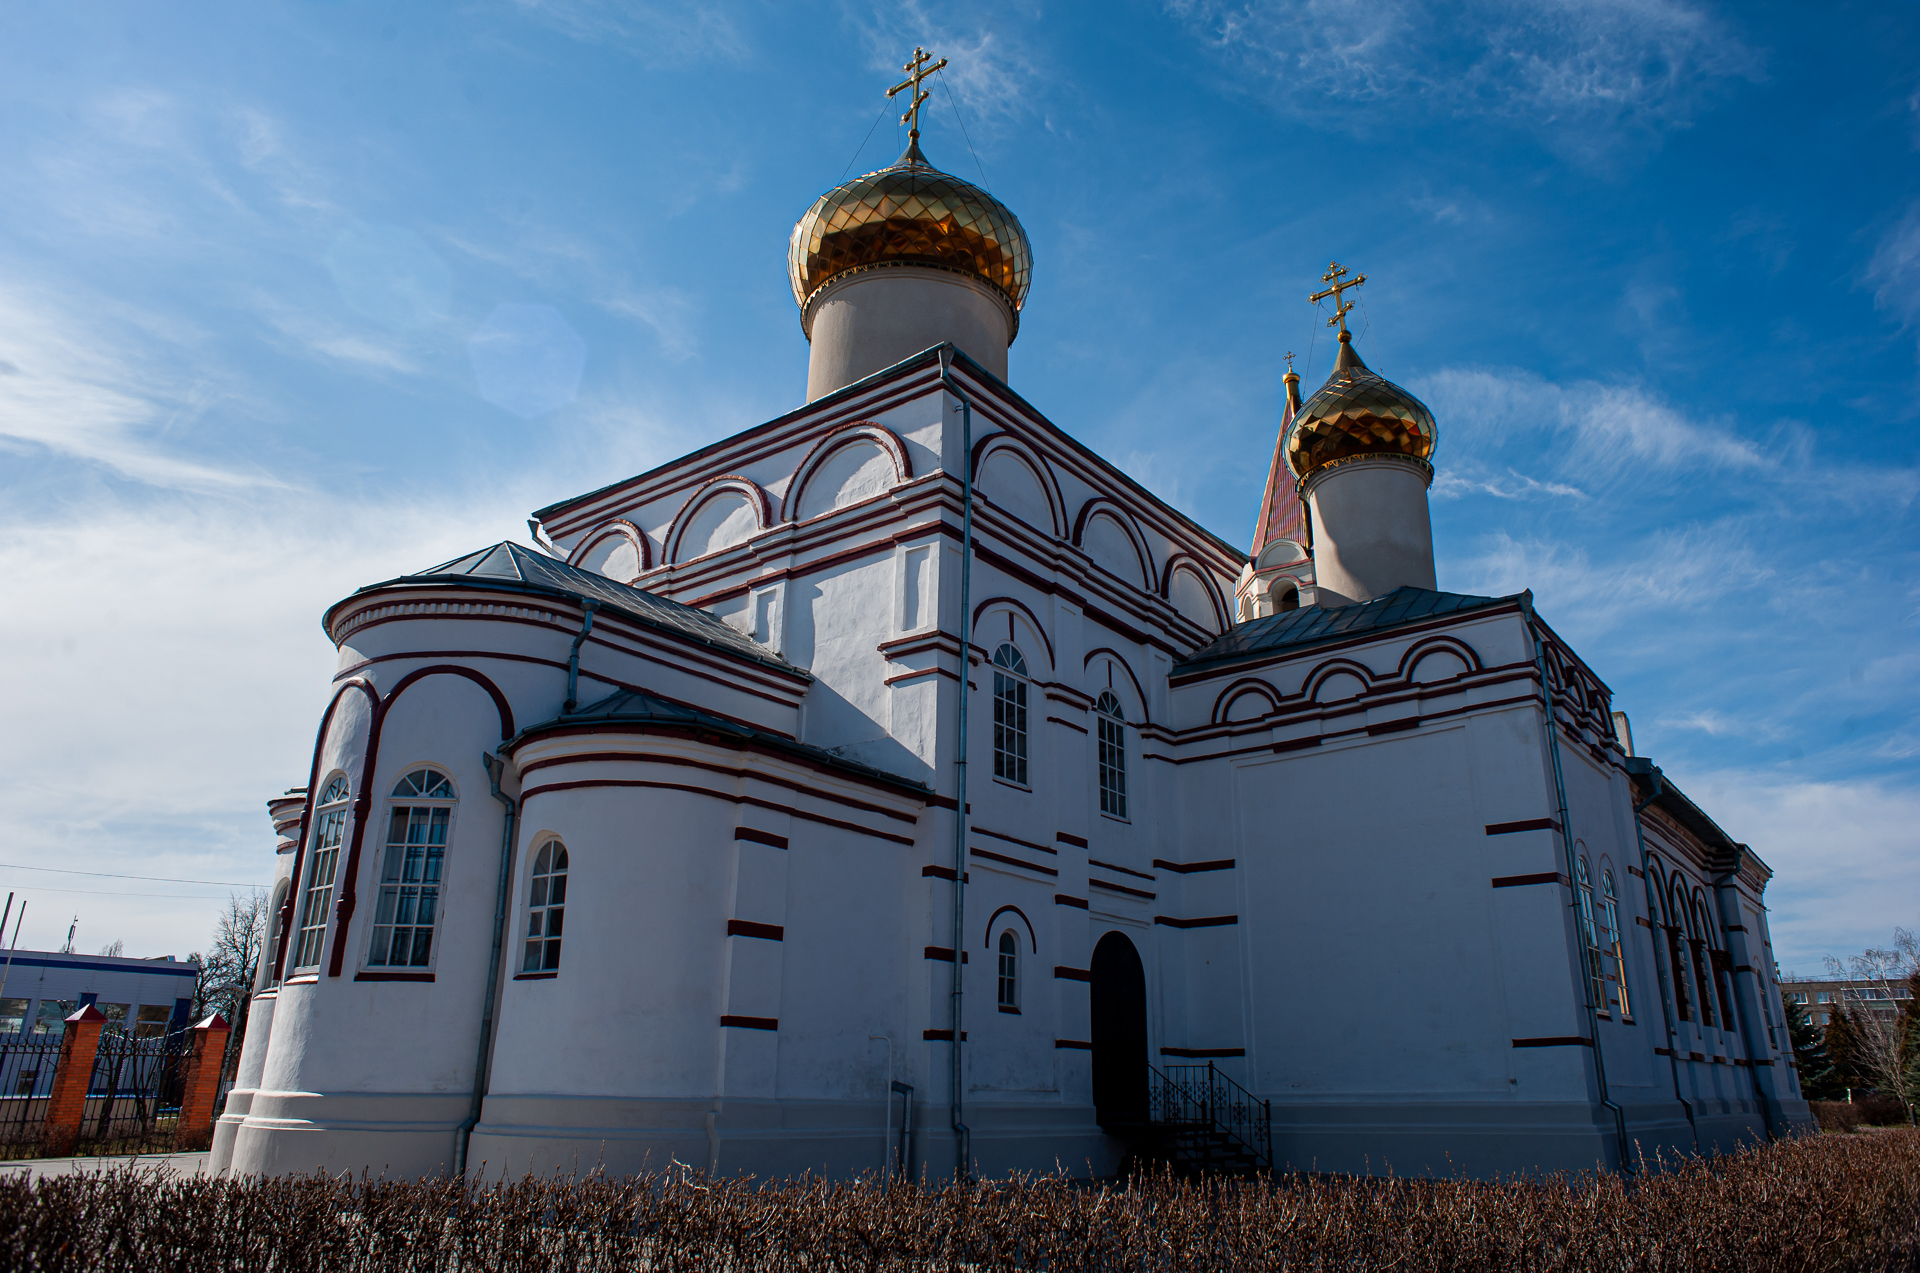 Серебряные пруды, церковь Иконы Божьей Матери Знамение